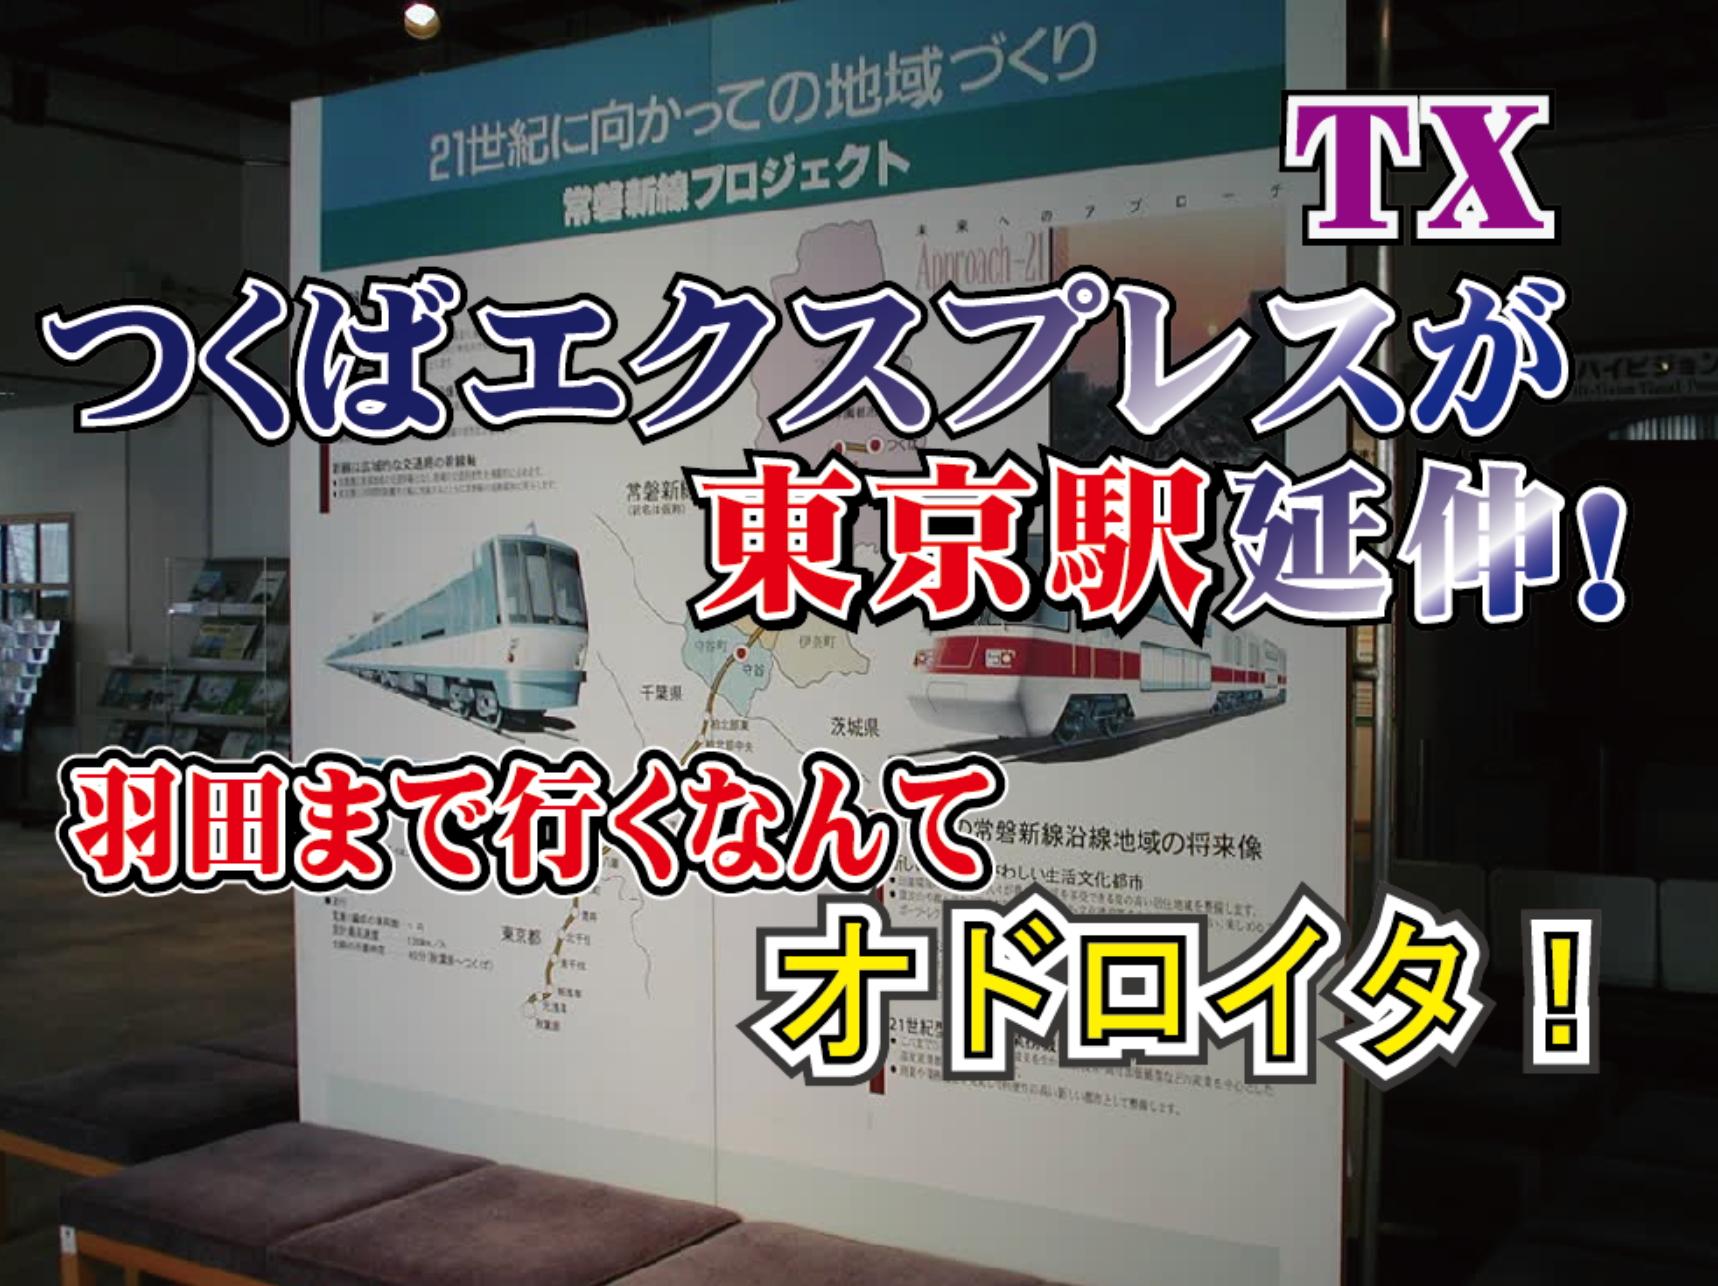 つくばエクスプレス(TX)が東京駅延伸! 羽田まで行くなんてオドロイタ!